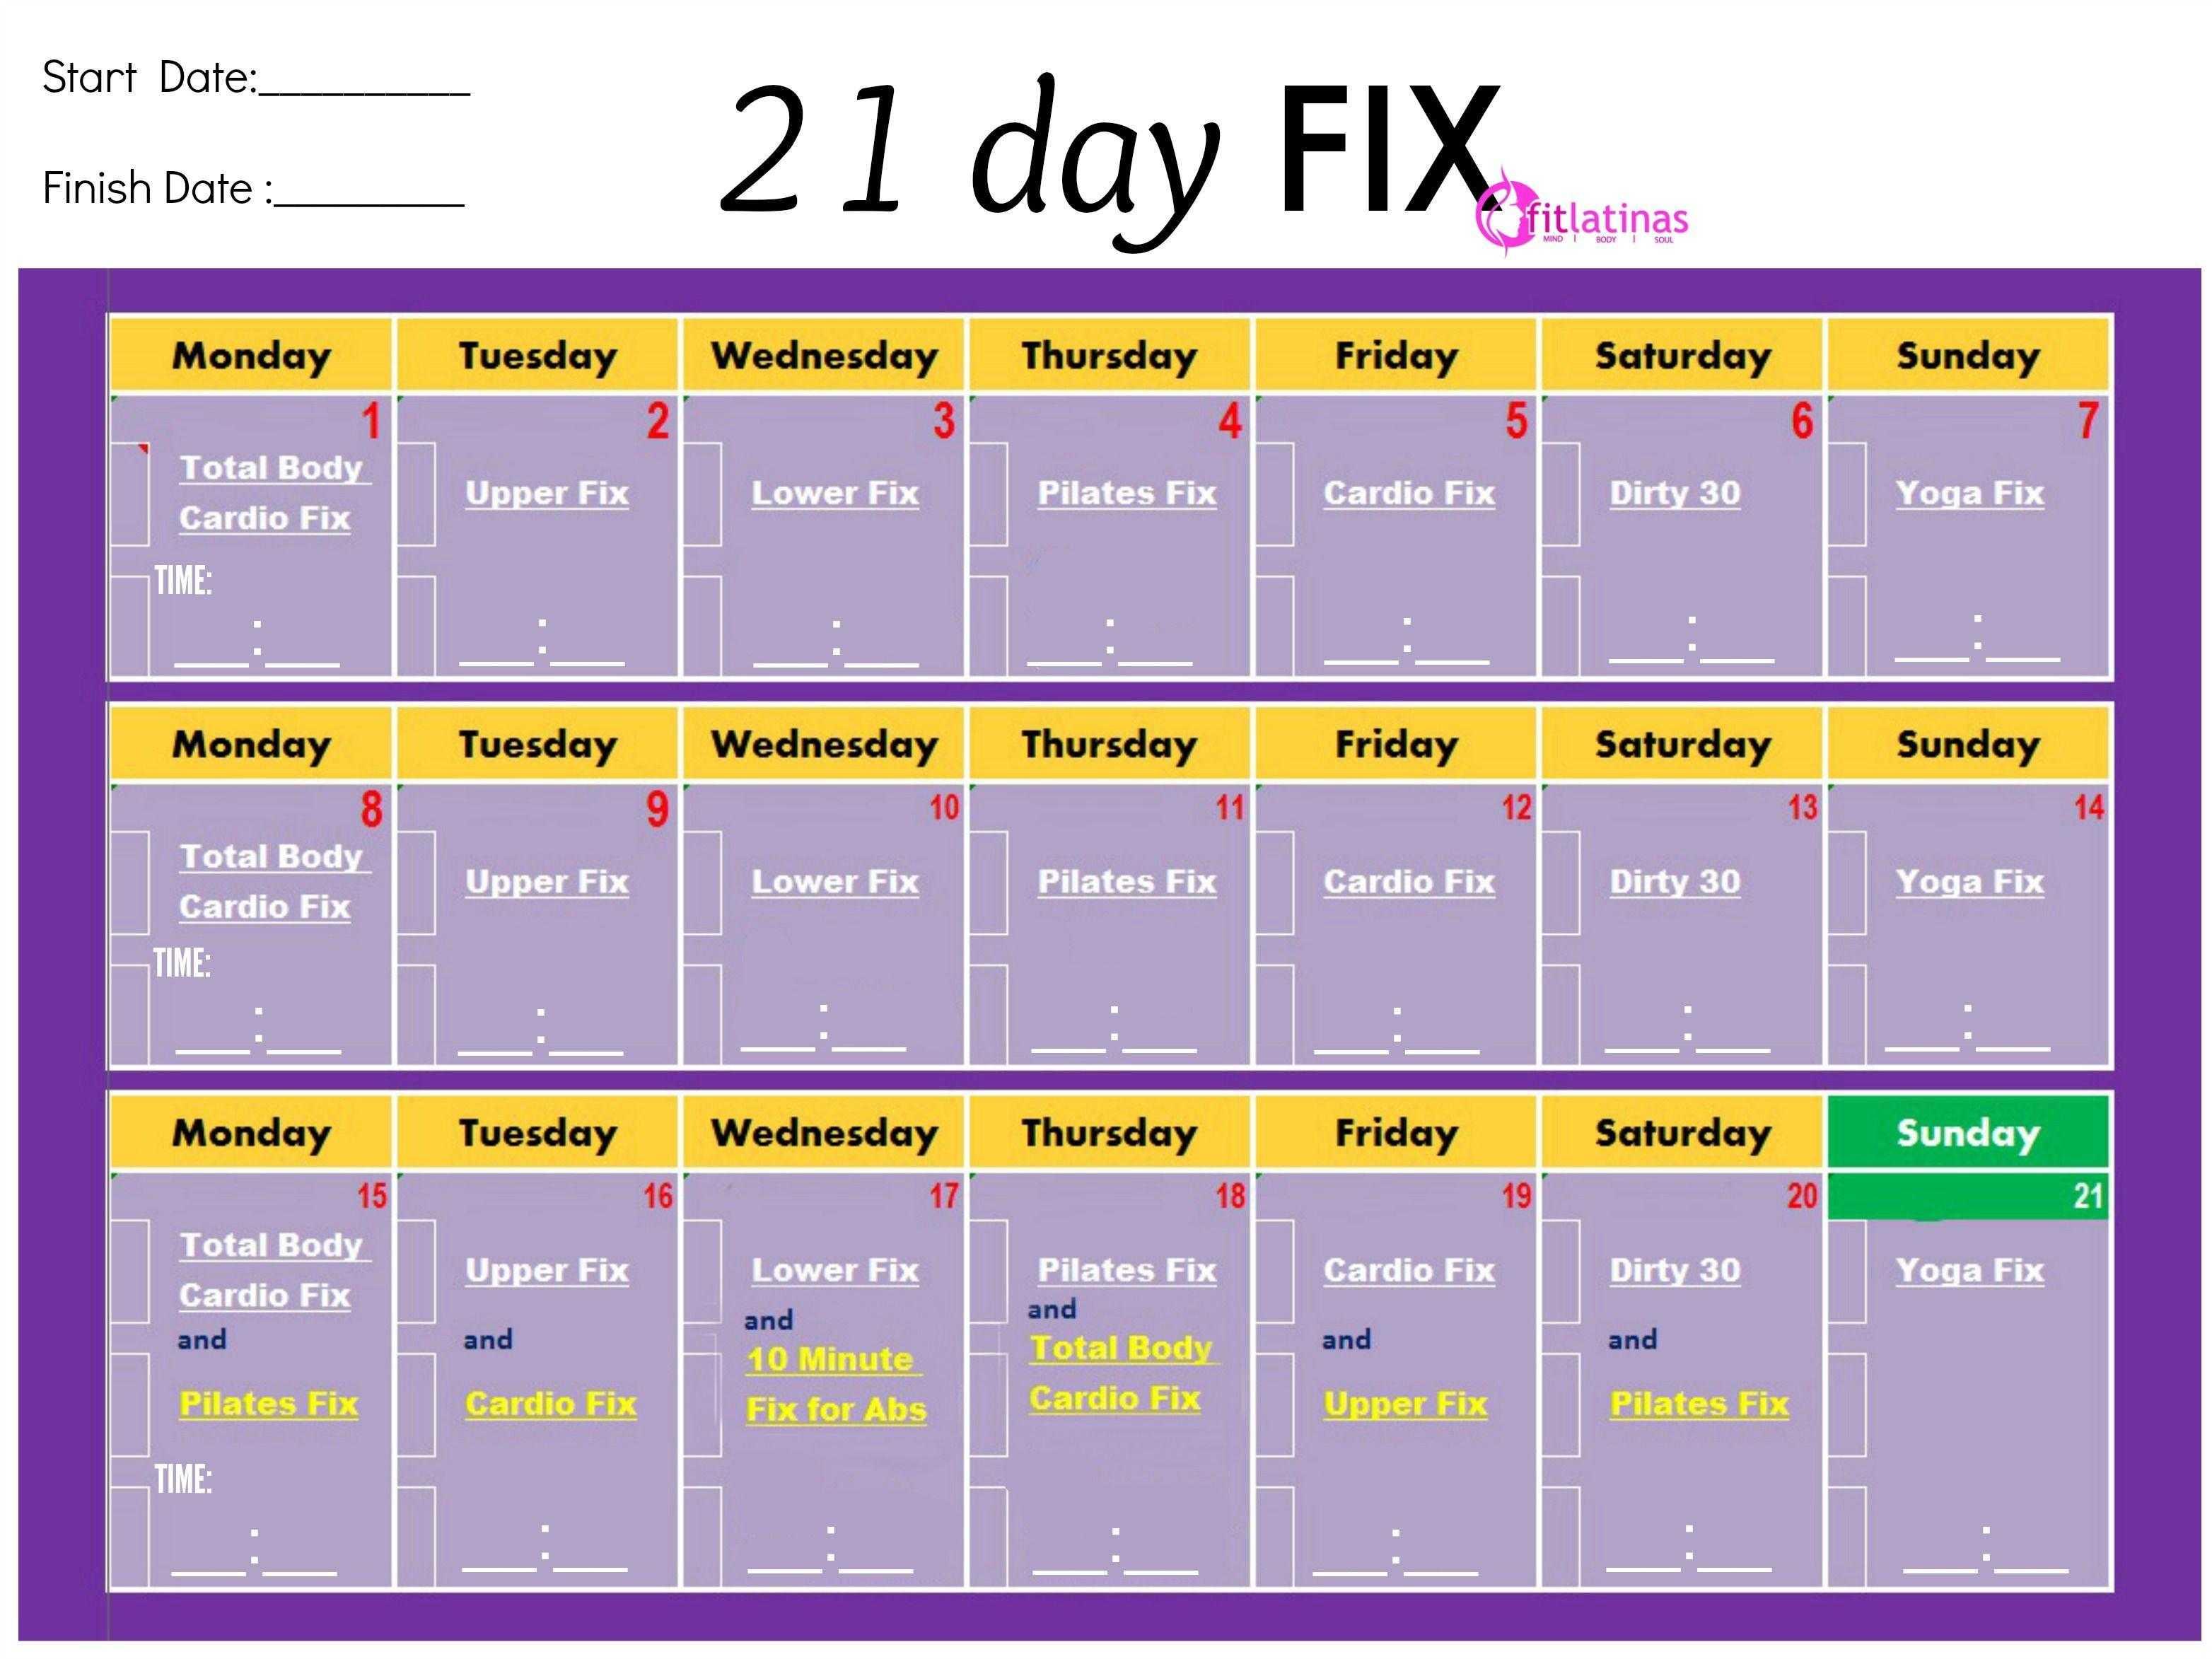 Программа 21 Day Fix: описание, отзывы, плюсы, минусы